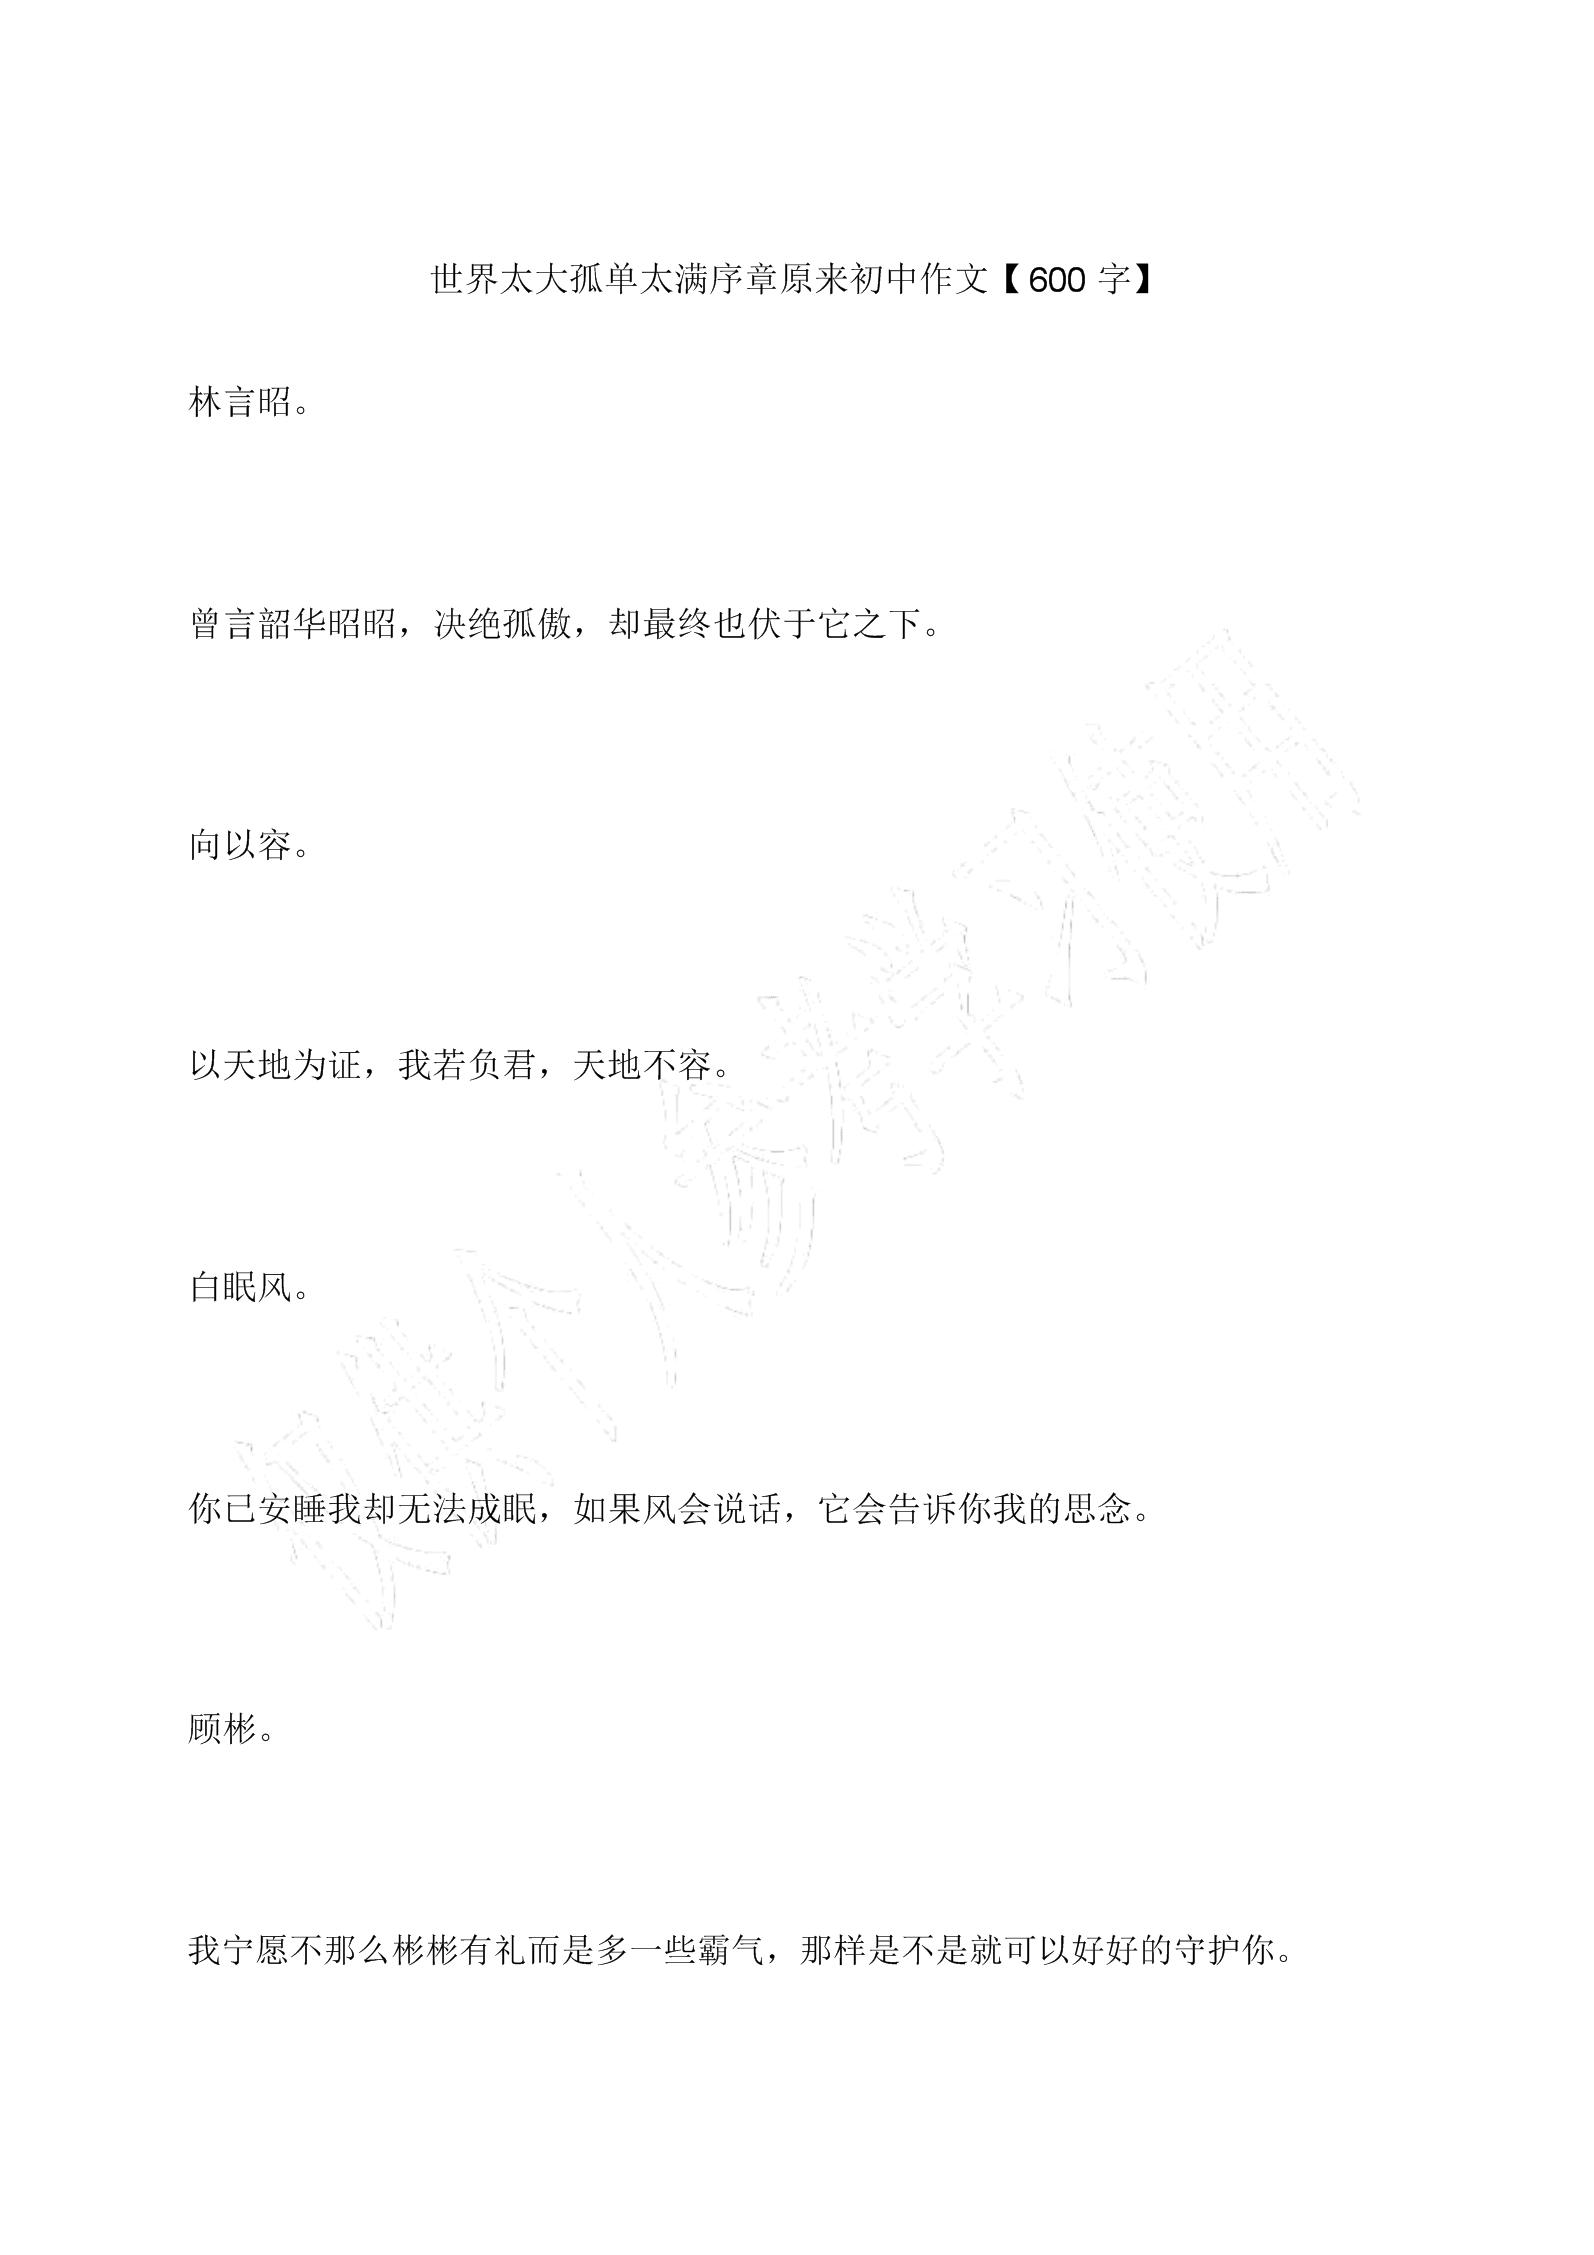 世界太大孤单太满序章原来初中作文600字.doc